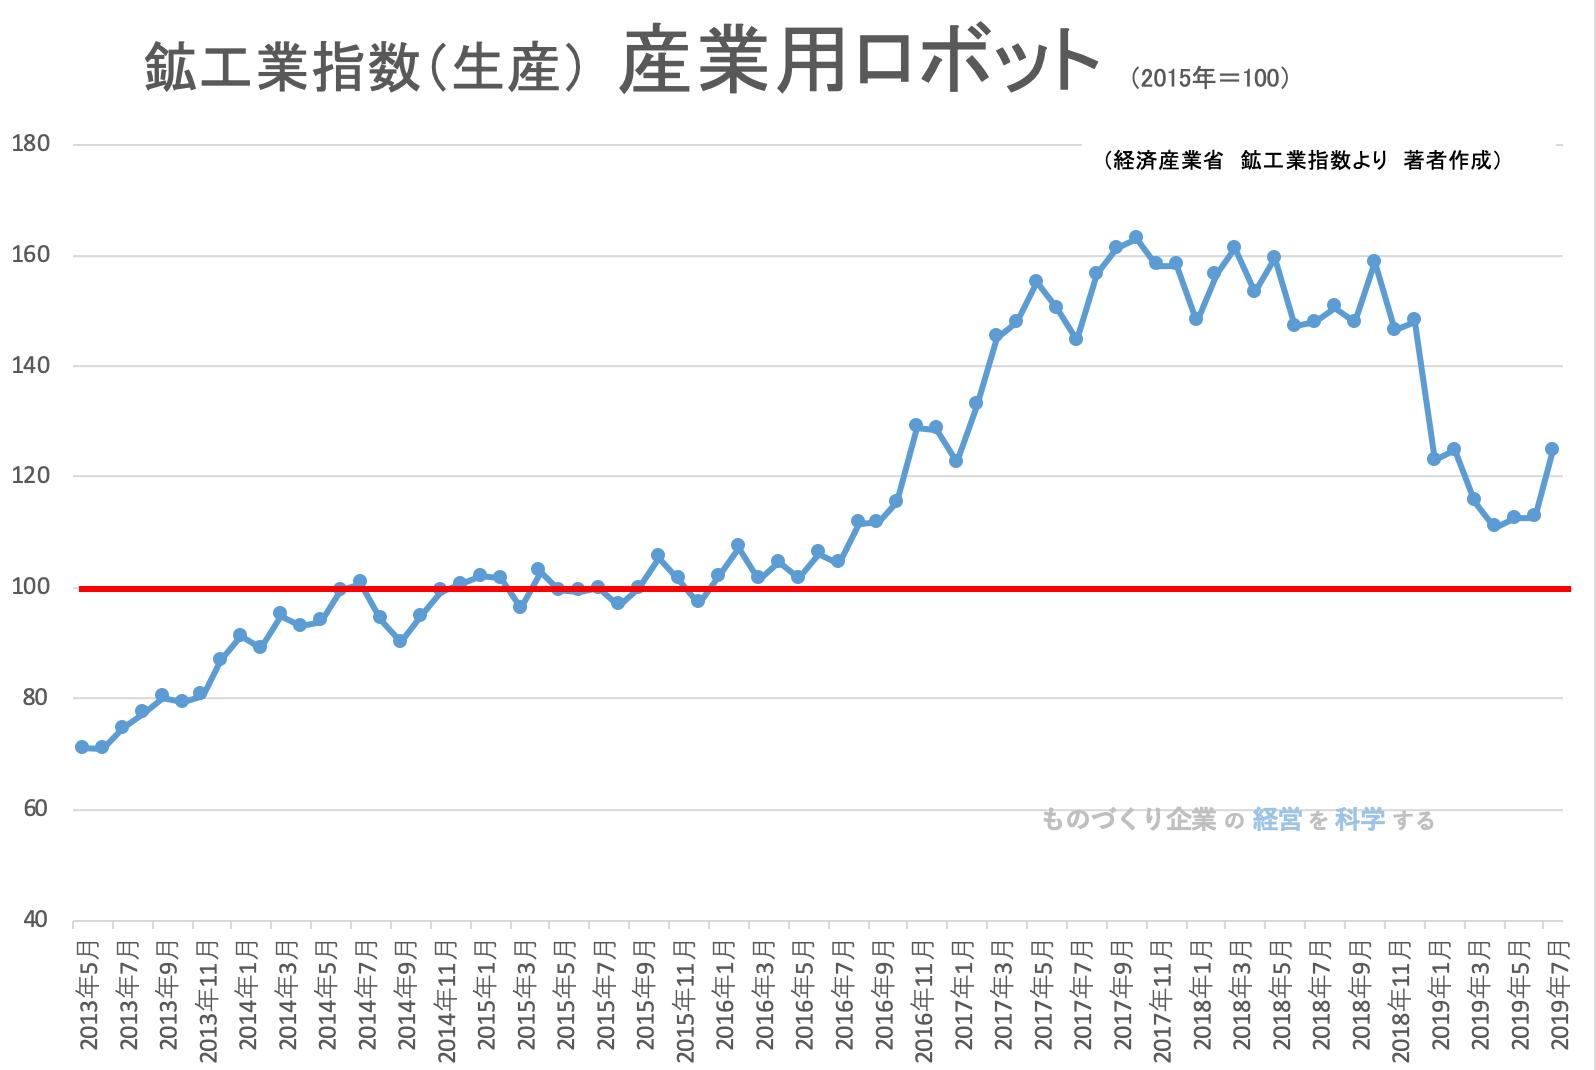 00(下旬)★鉱工業指数(品目別)_産業用ロボット201907